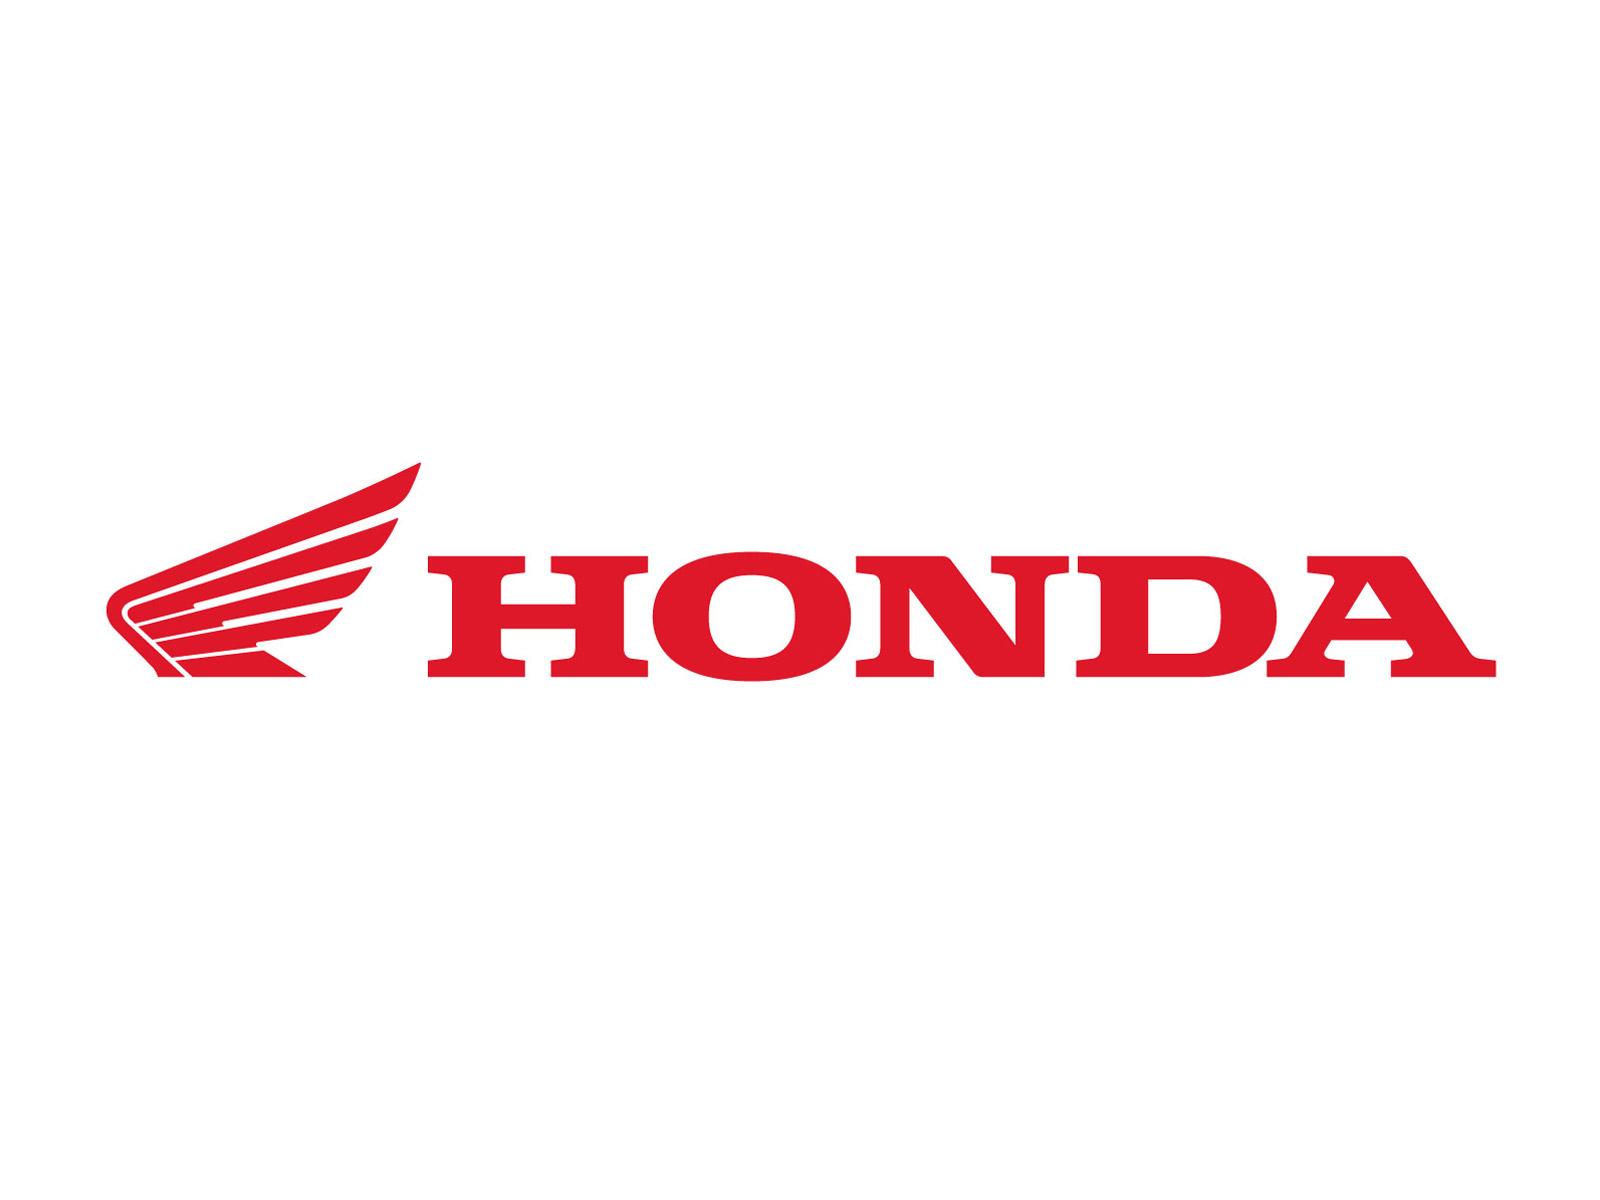 Honda Motor Company Logos